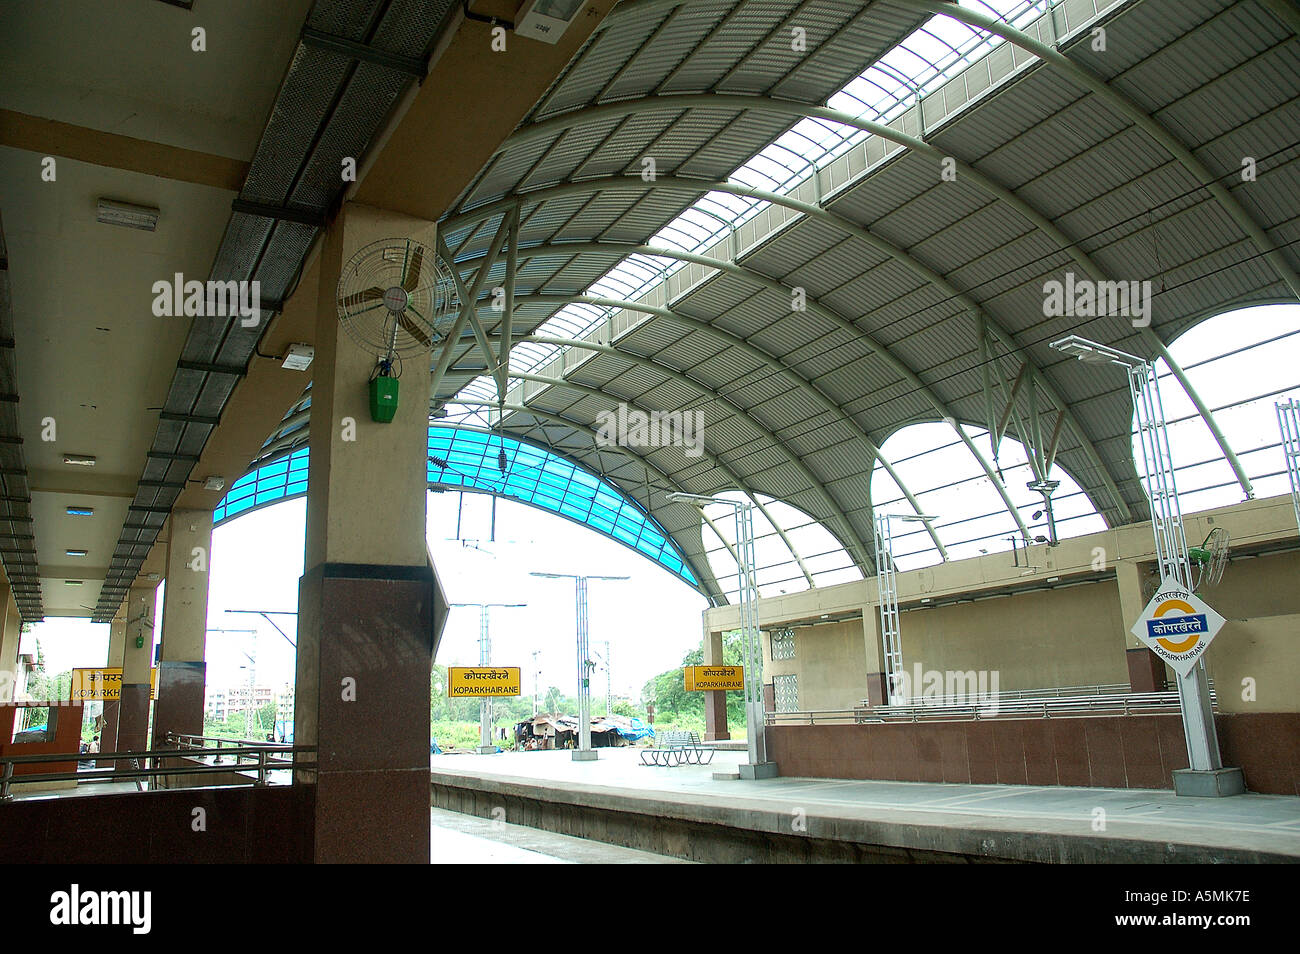 RAJ98892 nuova e moderna di Capodistria khairne Stazione ferroviaria Navi Mumbai Bombay Vashi Maharashtra India Immagini Stock